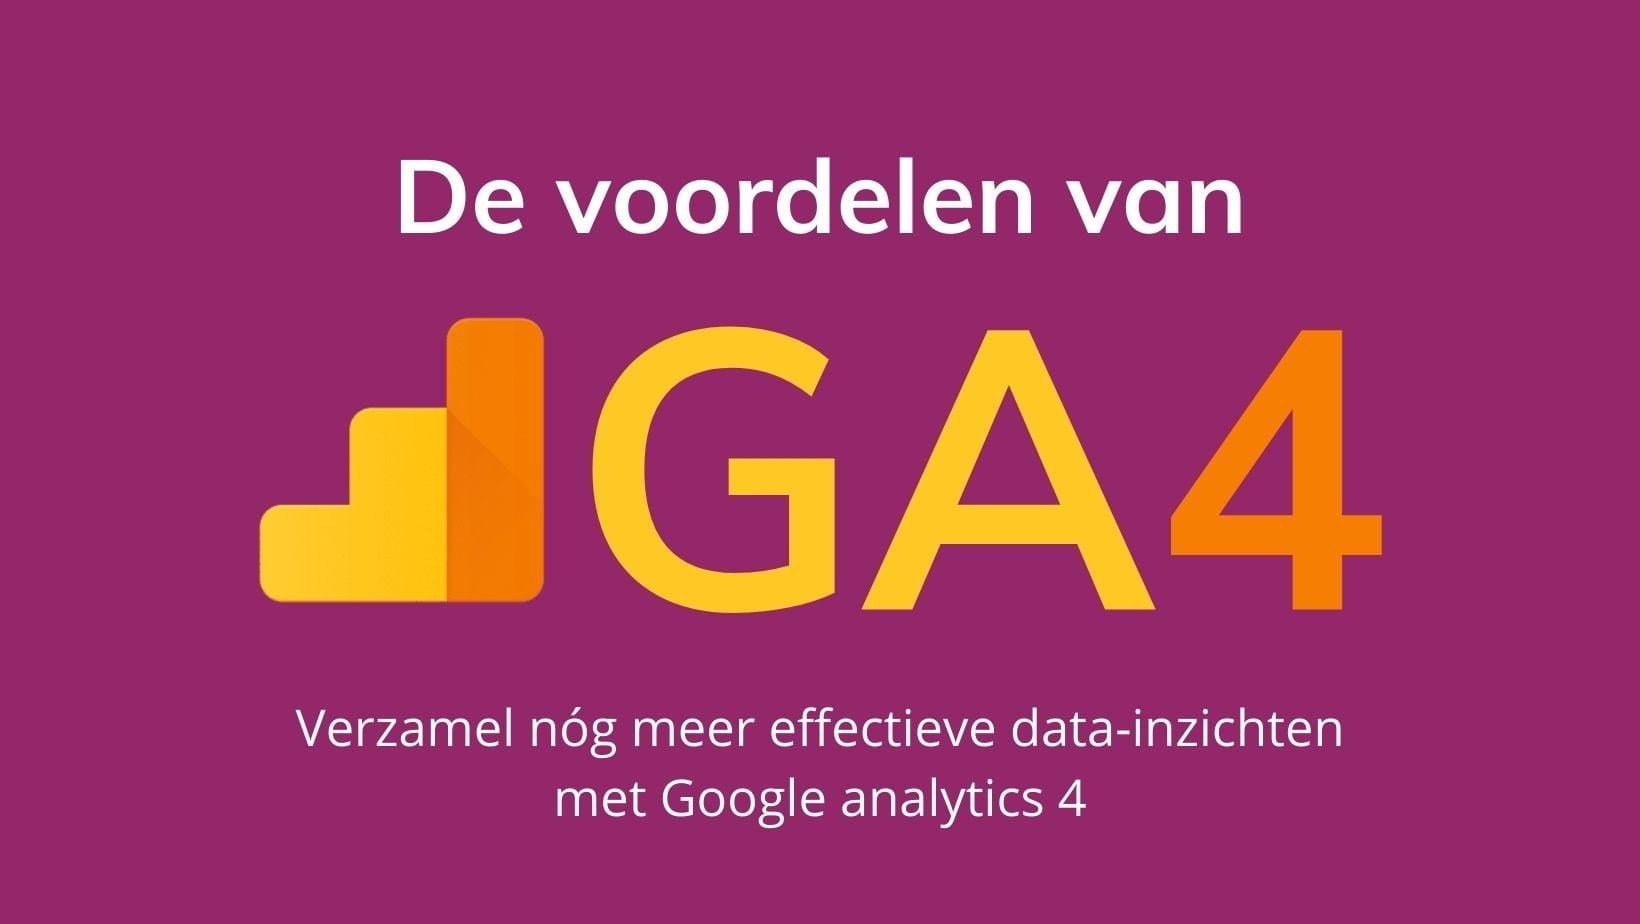 De voordelen van Google Analytics 4